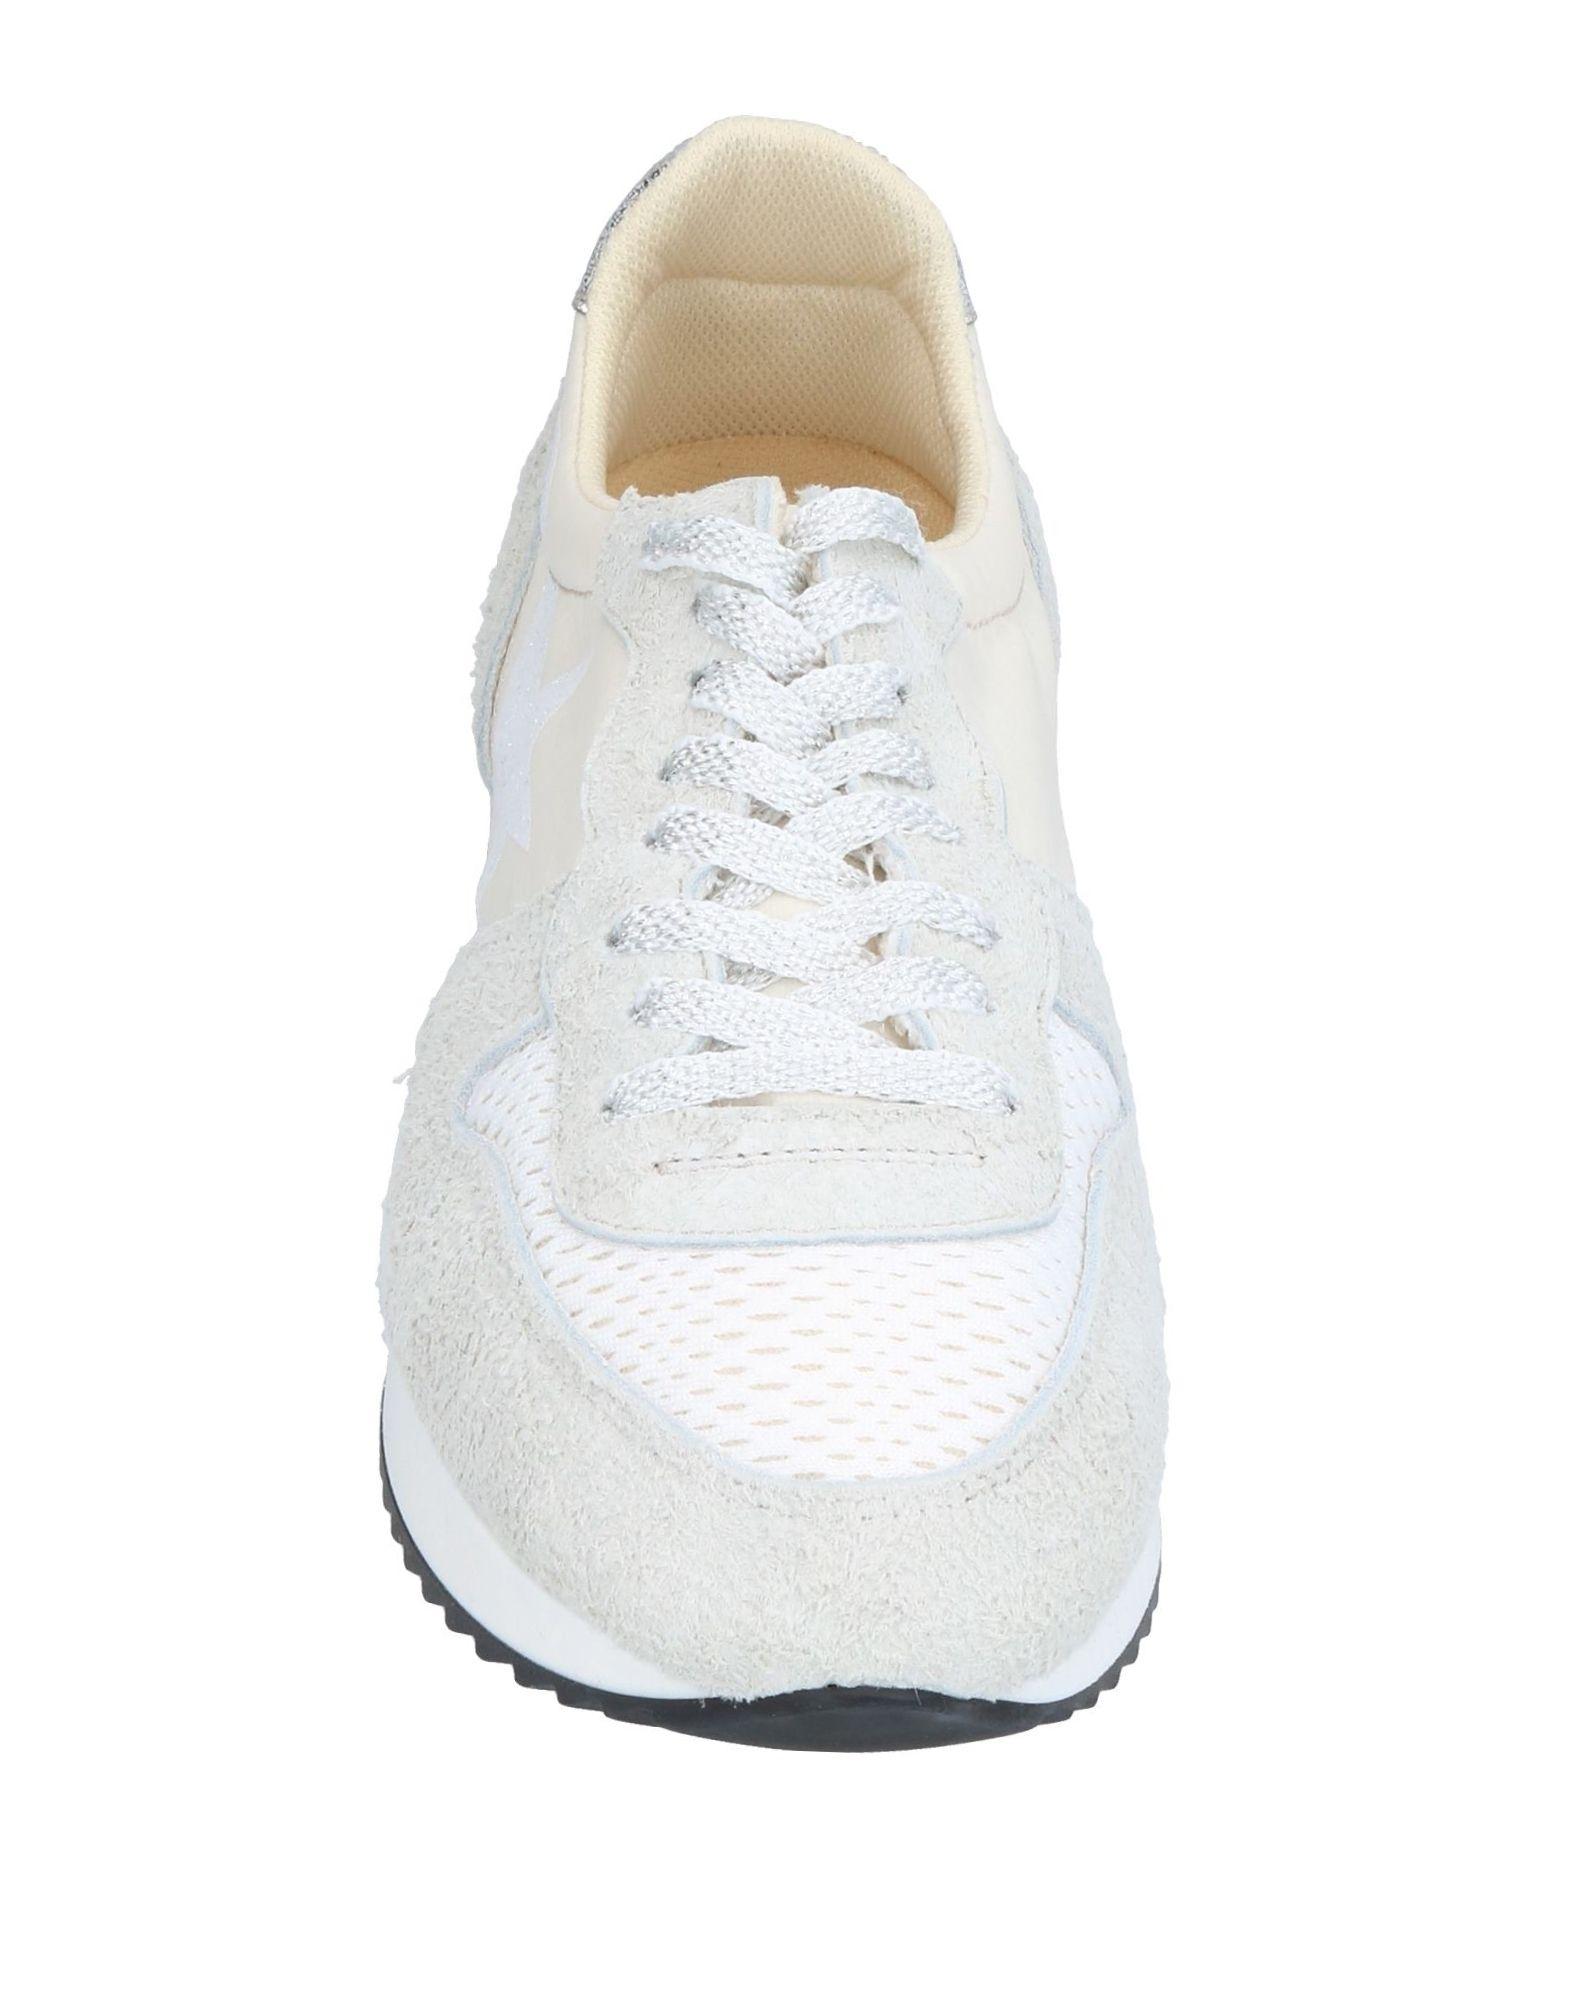 Haus Golden Goose Sneakers - Sneakers Women Haus Golden Goose Sneakers - online on  United Kingdom - 11408151KD b068d8